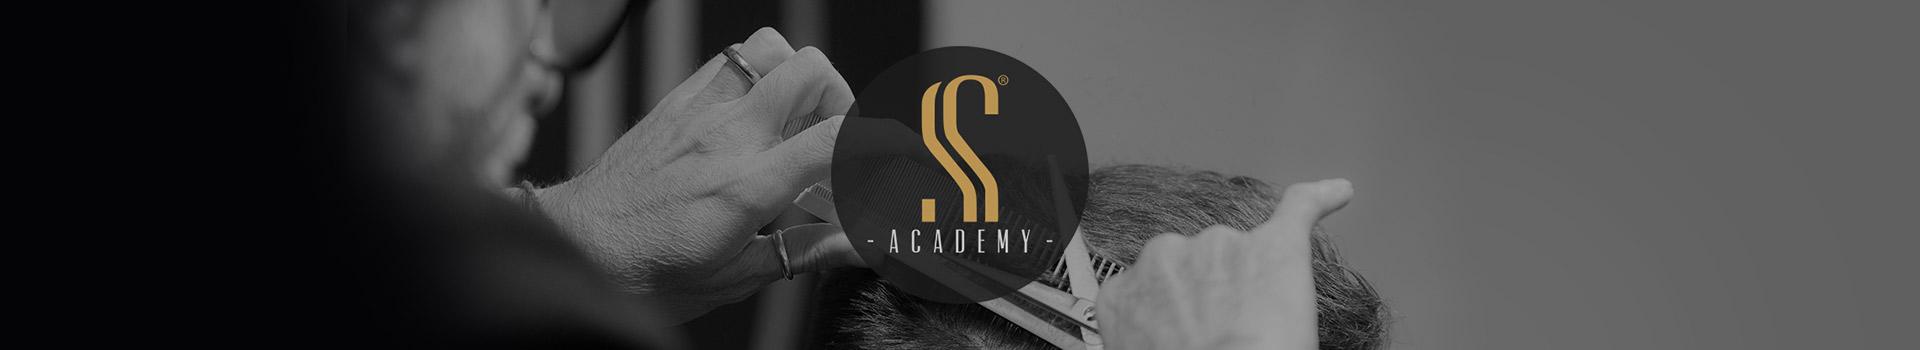 slider_startseite-2019_Academy-2